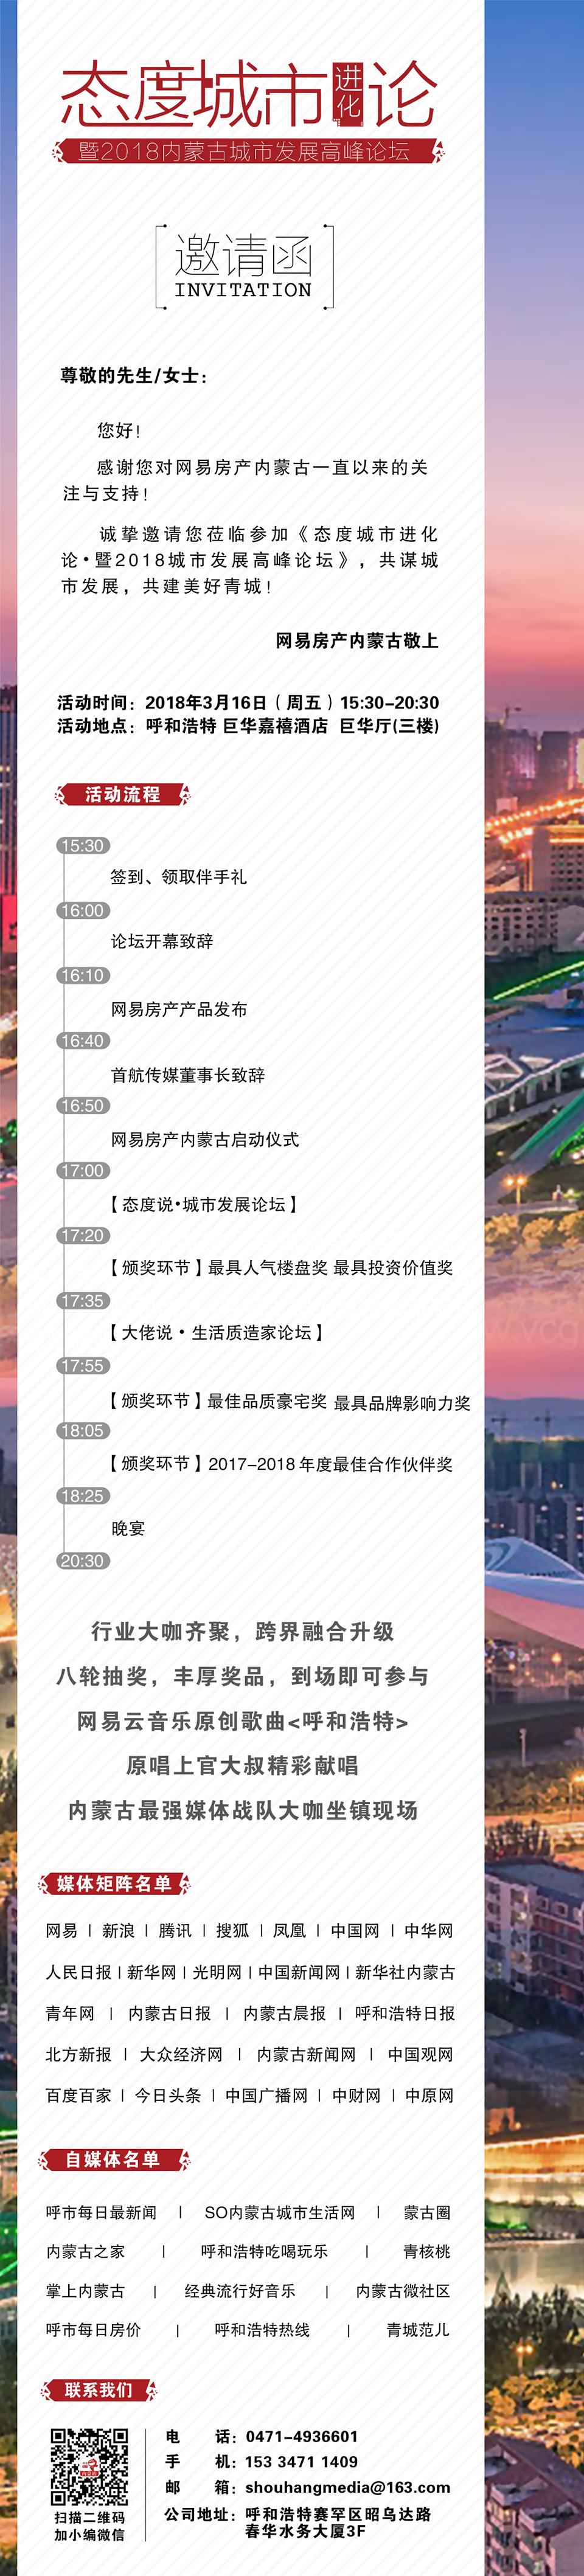 网易房产城市发展高峰论坛邀请函